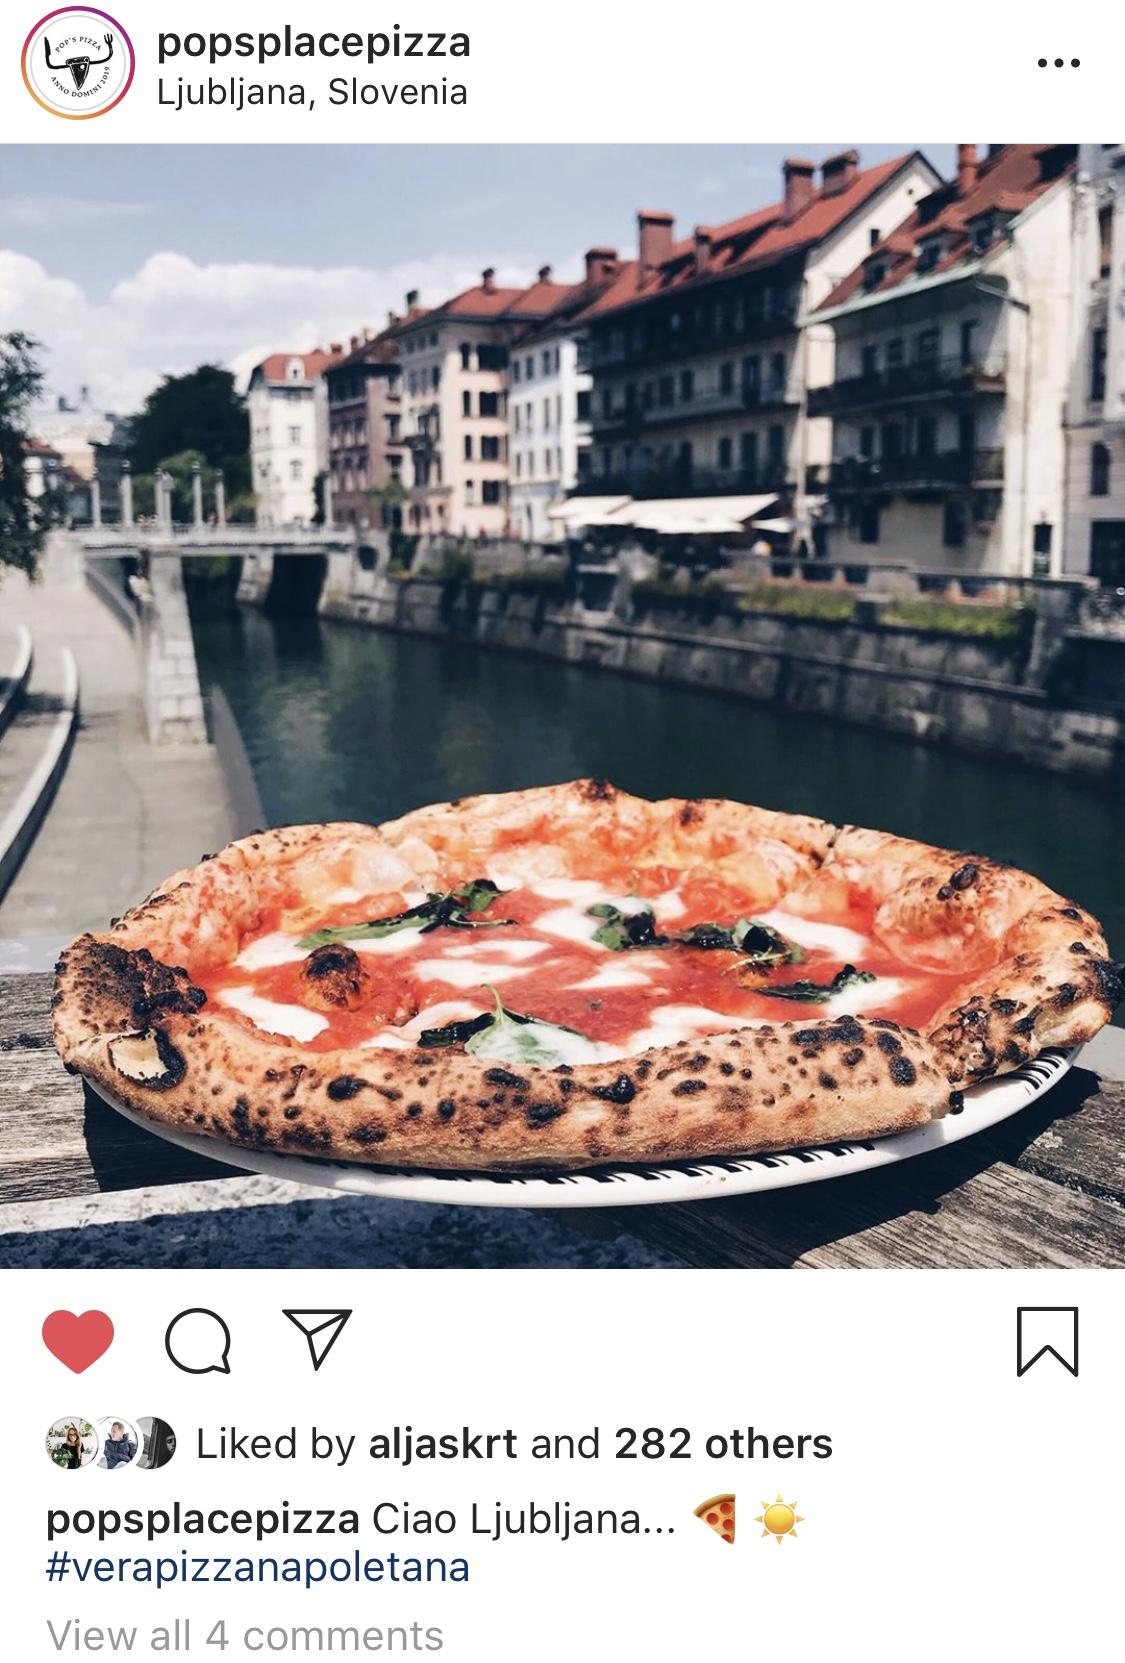 naj-lokali-v-ljubljani-liliinroza-pops-pizza-12.jpg